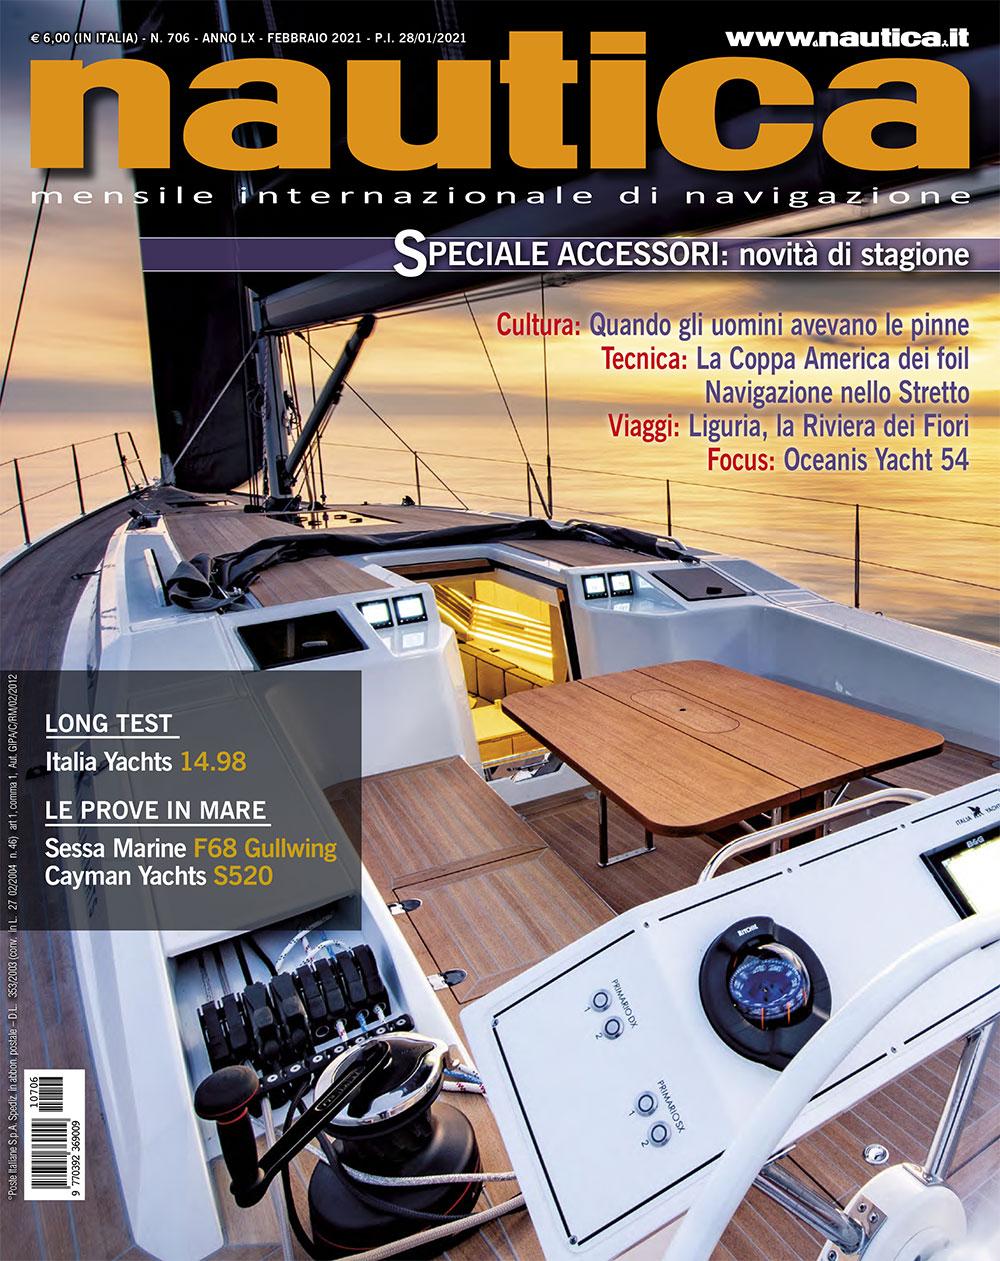 Nautica-706-febbraio21-online-1